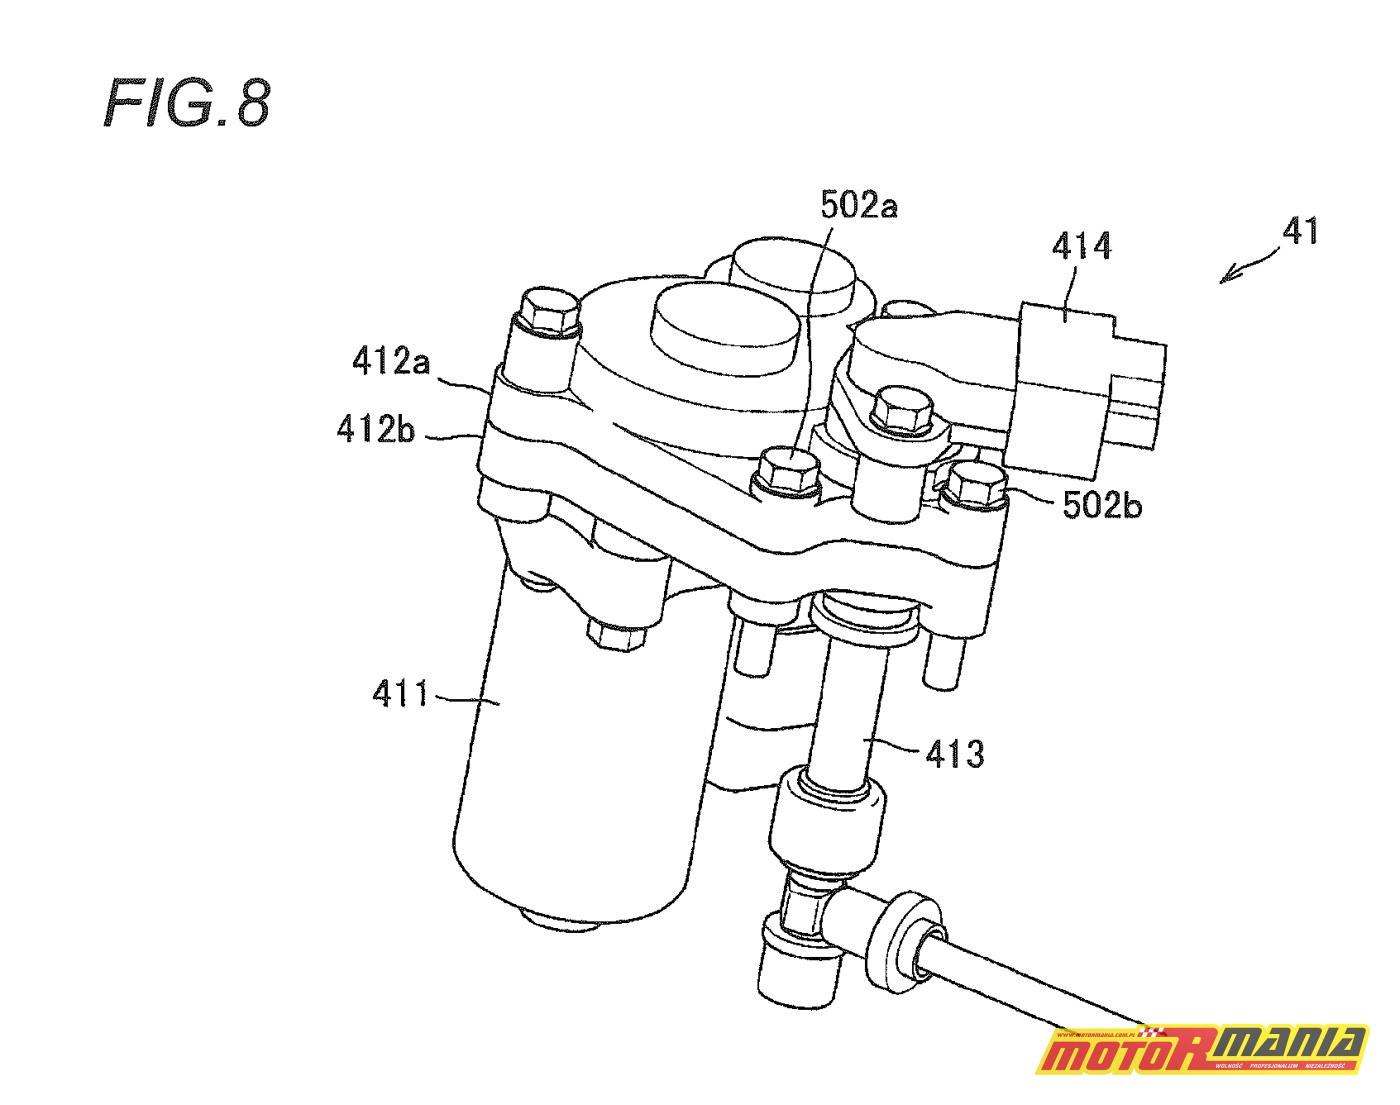 021518-Suzuki-Hayabusa-patent-US20180043969-8